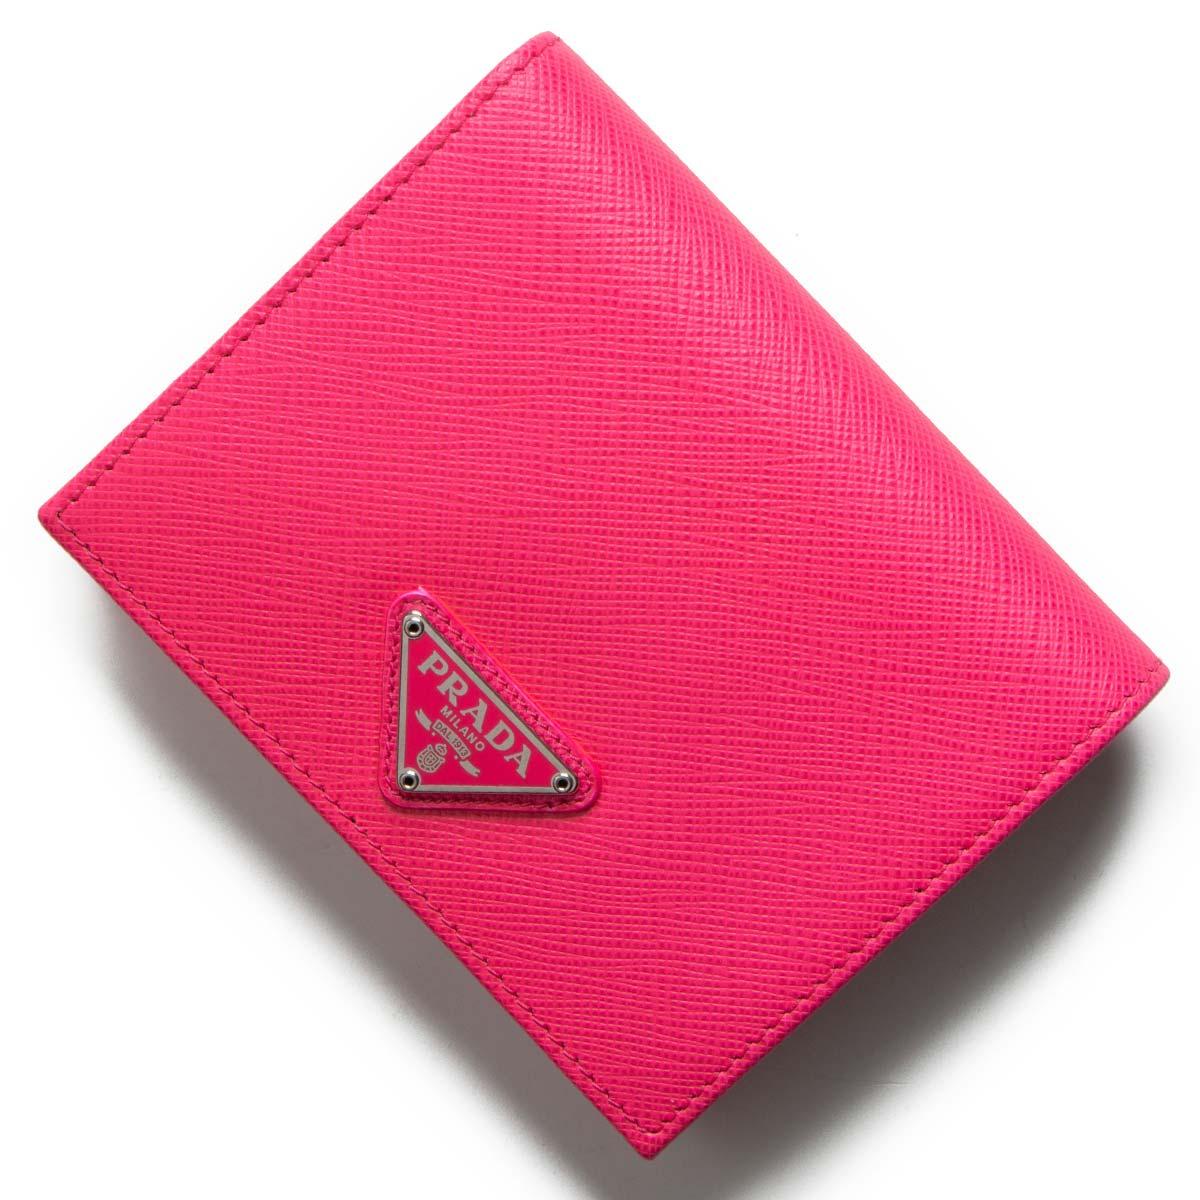 プラダ 二つ折り財布 財布 レディース サフィアーノ トライアングル 三角ロゴプレート ローザフルーネオンピンク 1MV204 QHH F0F90 PRADA